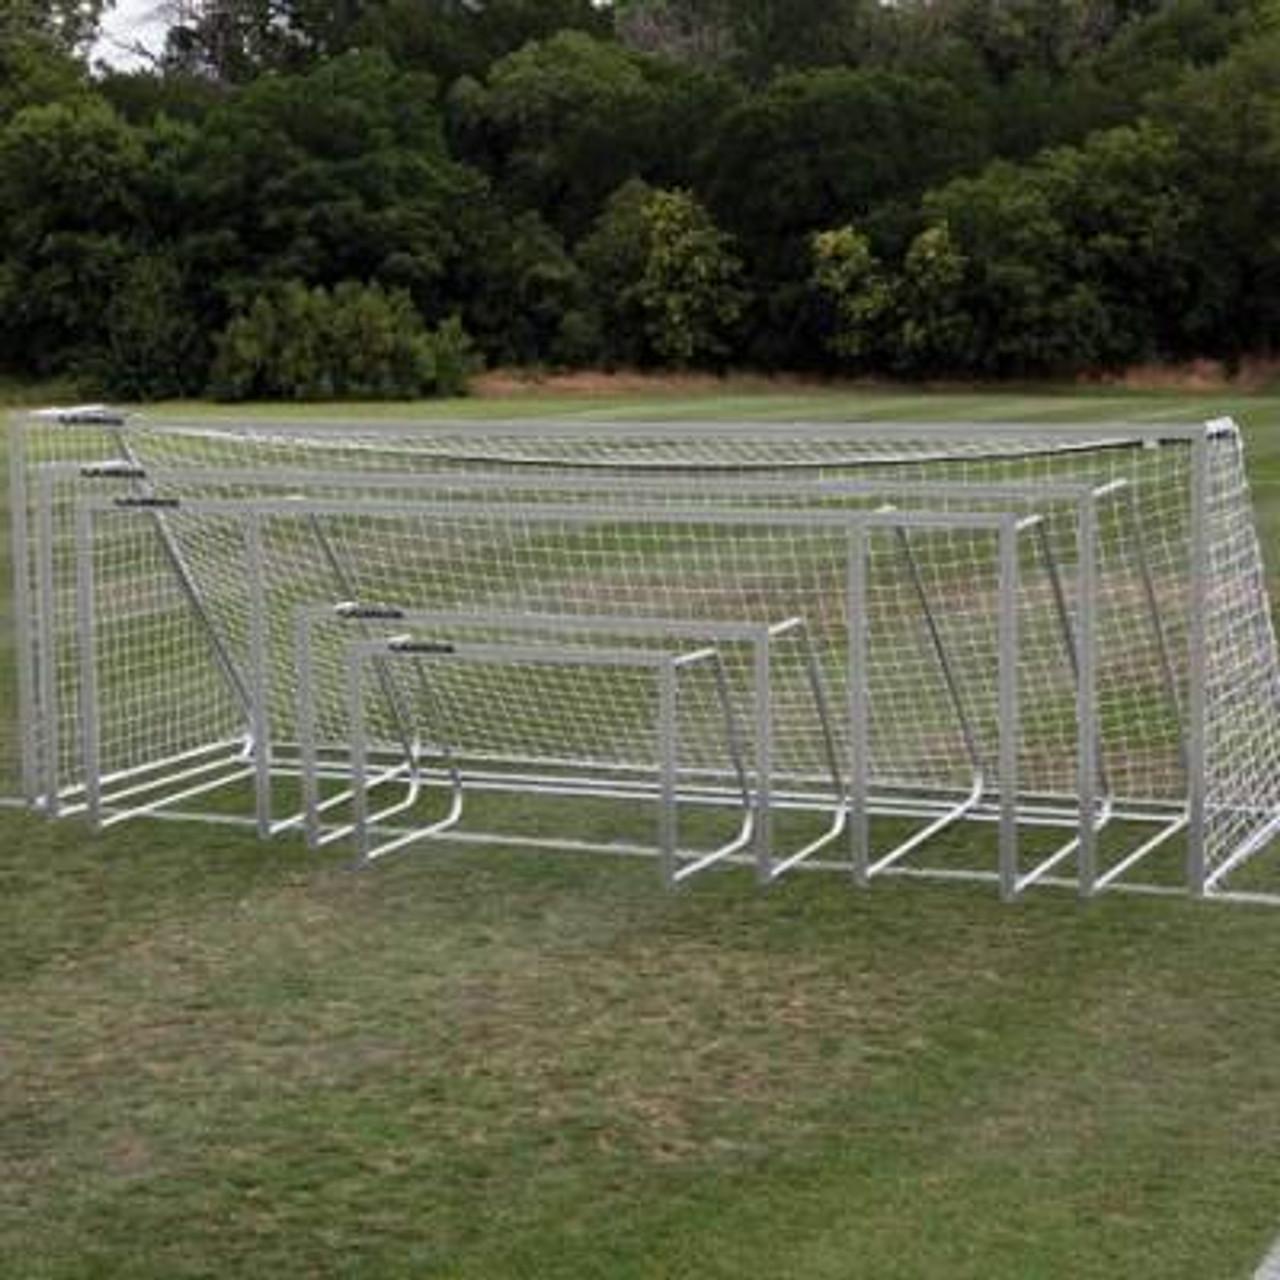 Alumagoal Soccer Goal 6.5x12 aluminum finish